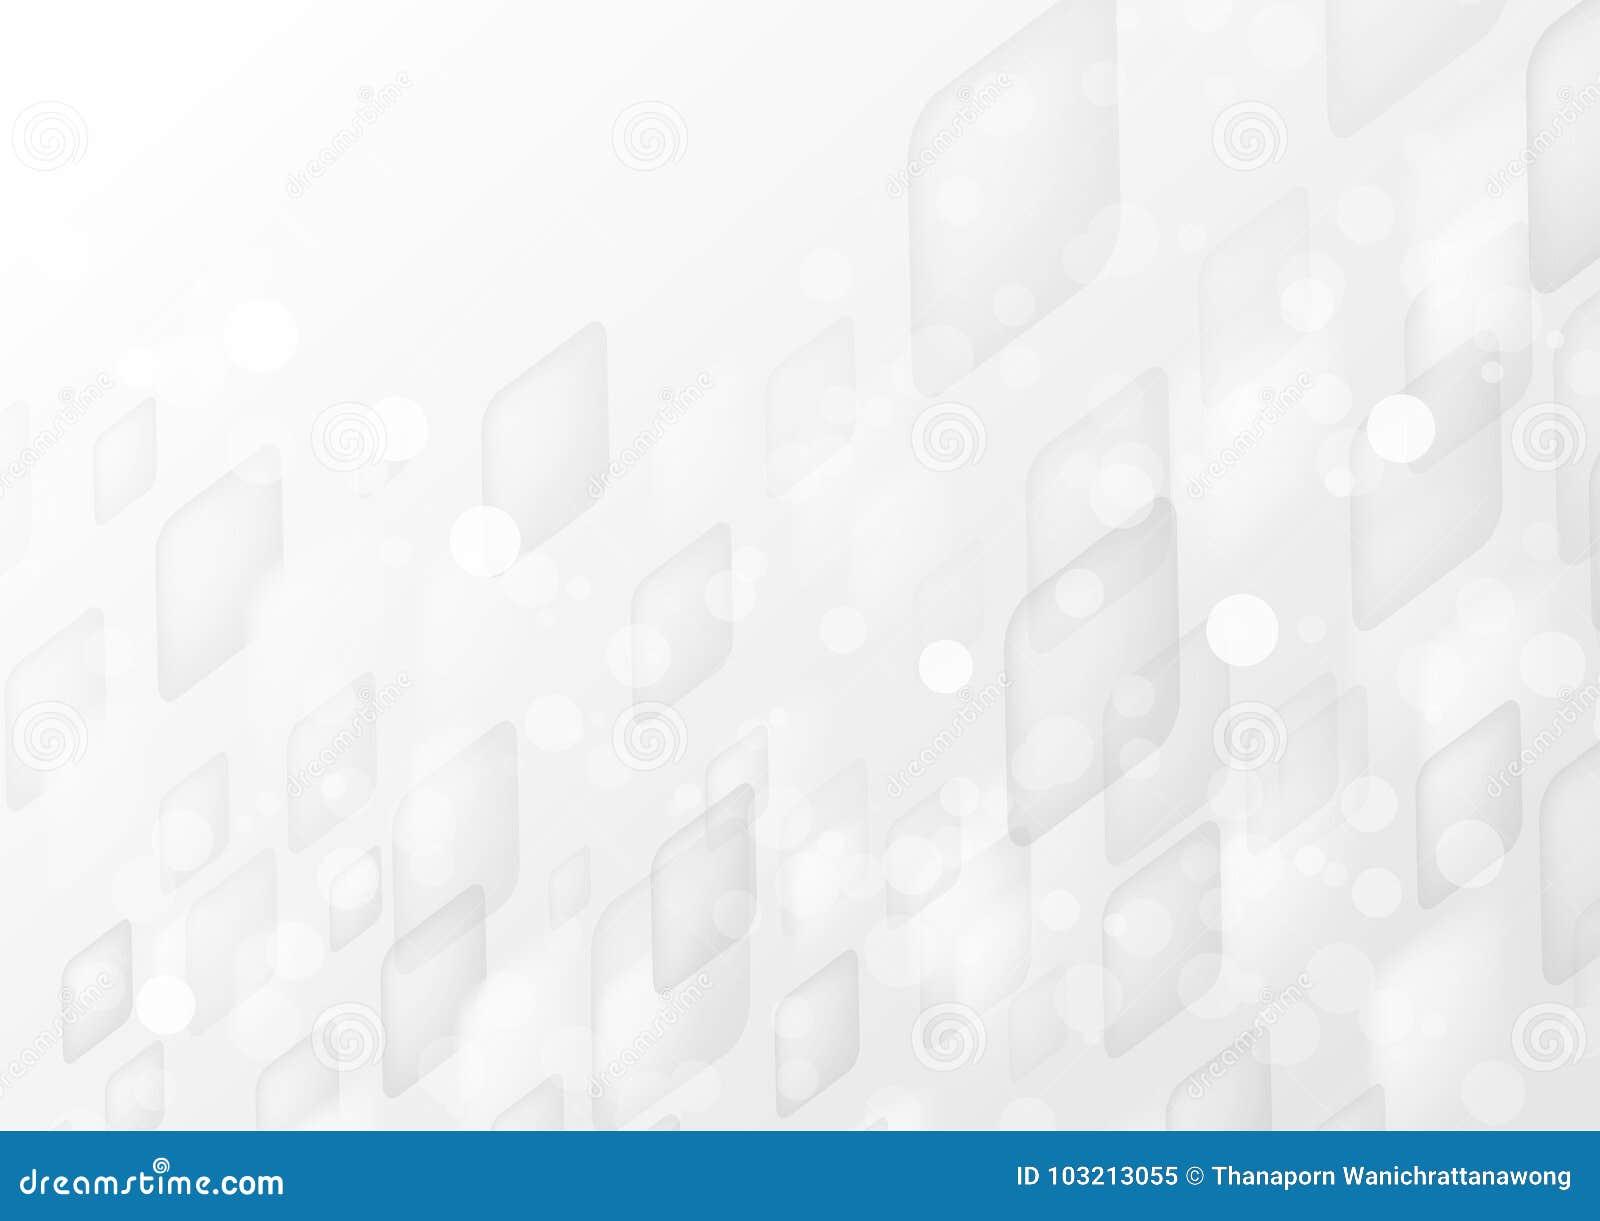 Le forme geometriche di prospettiva bianca astratta si sovrappongono sul fondo grigio di pendenza